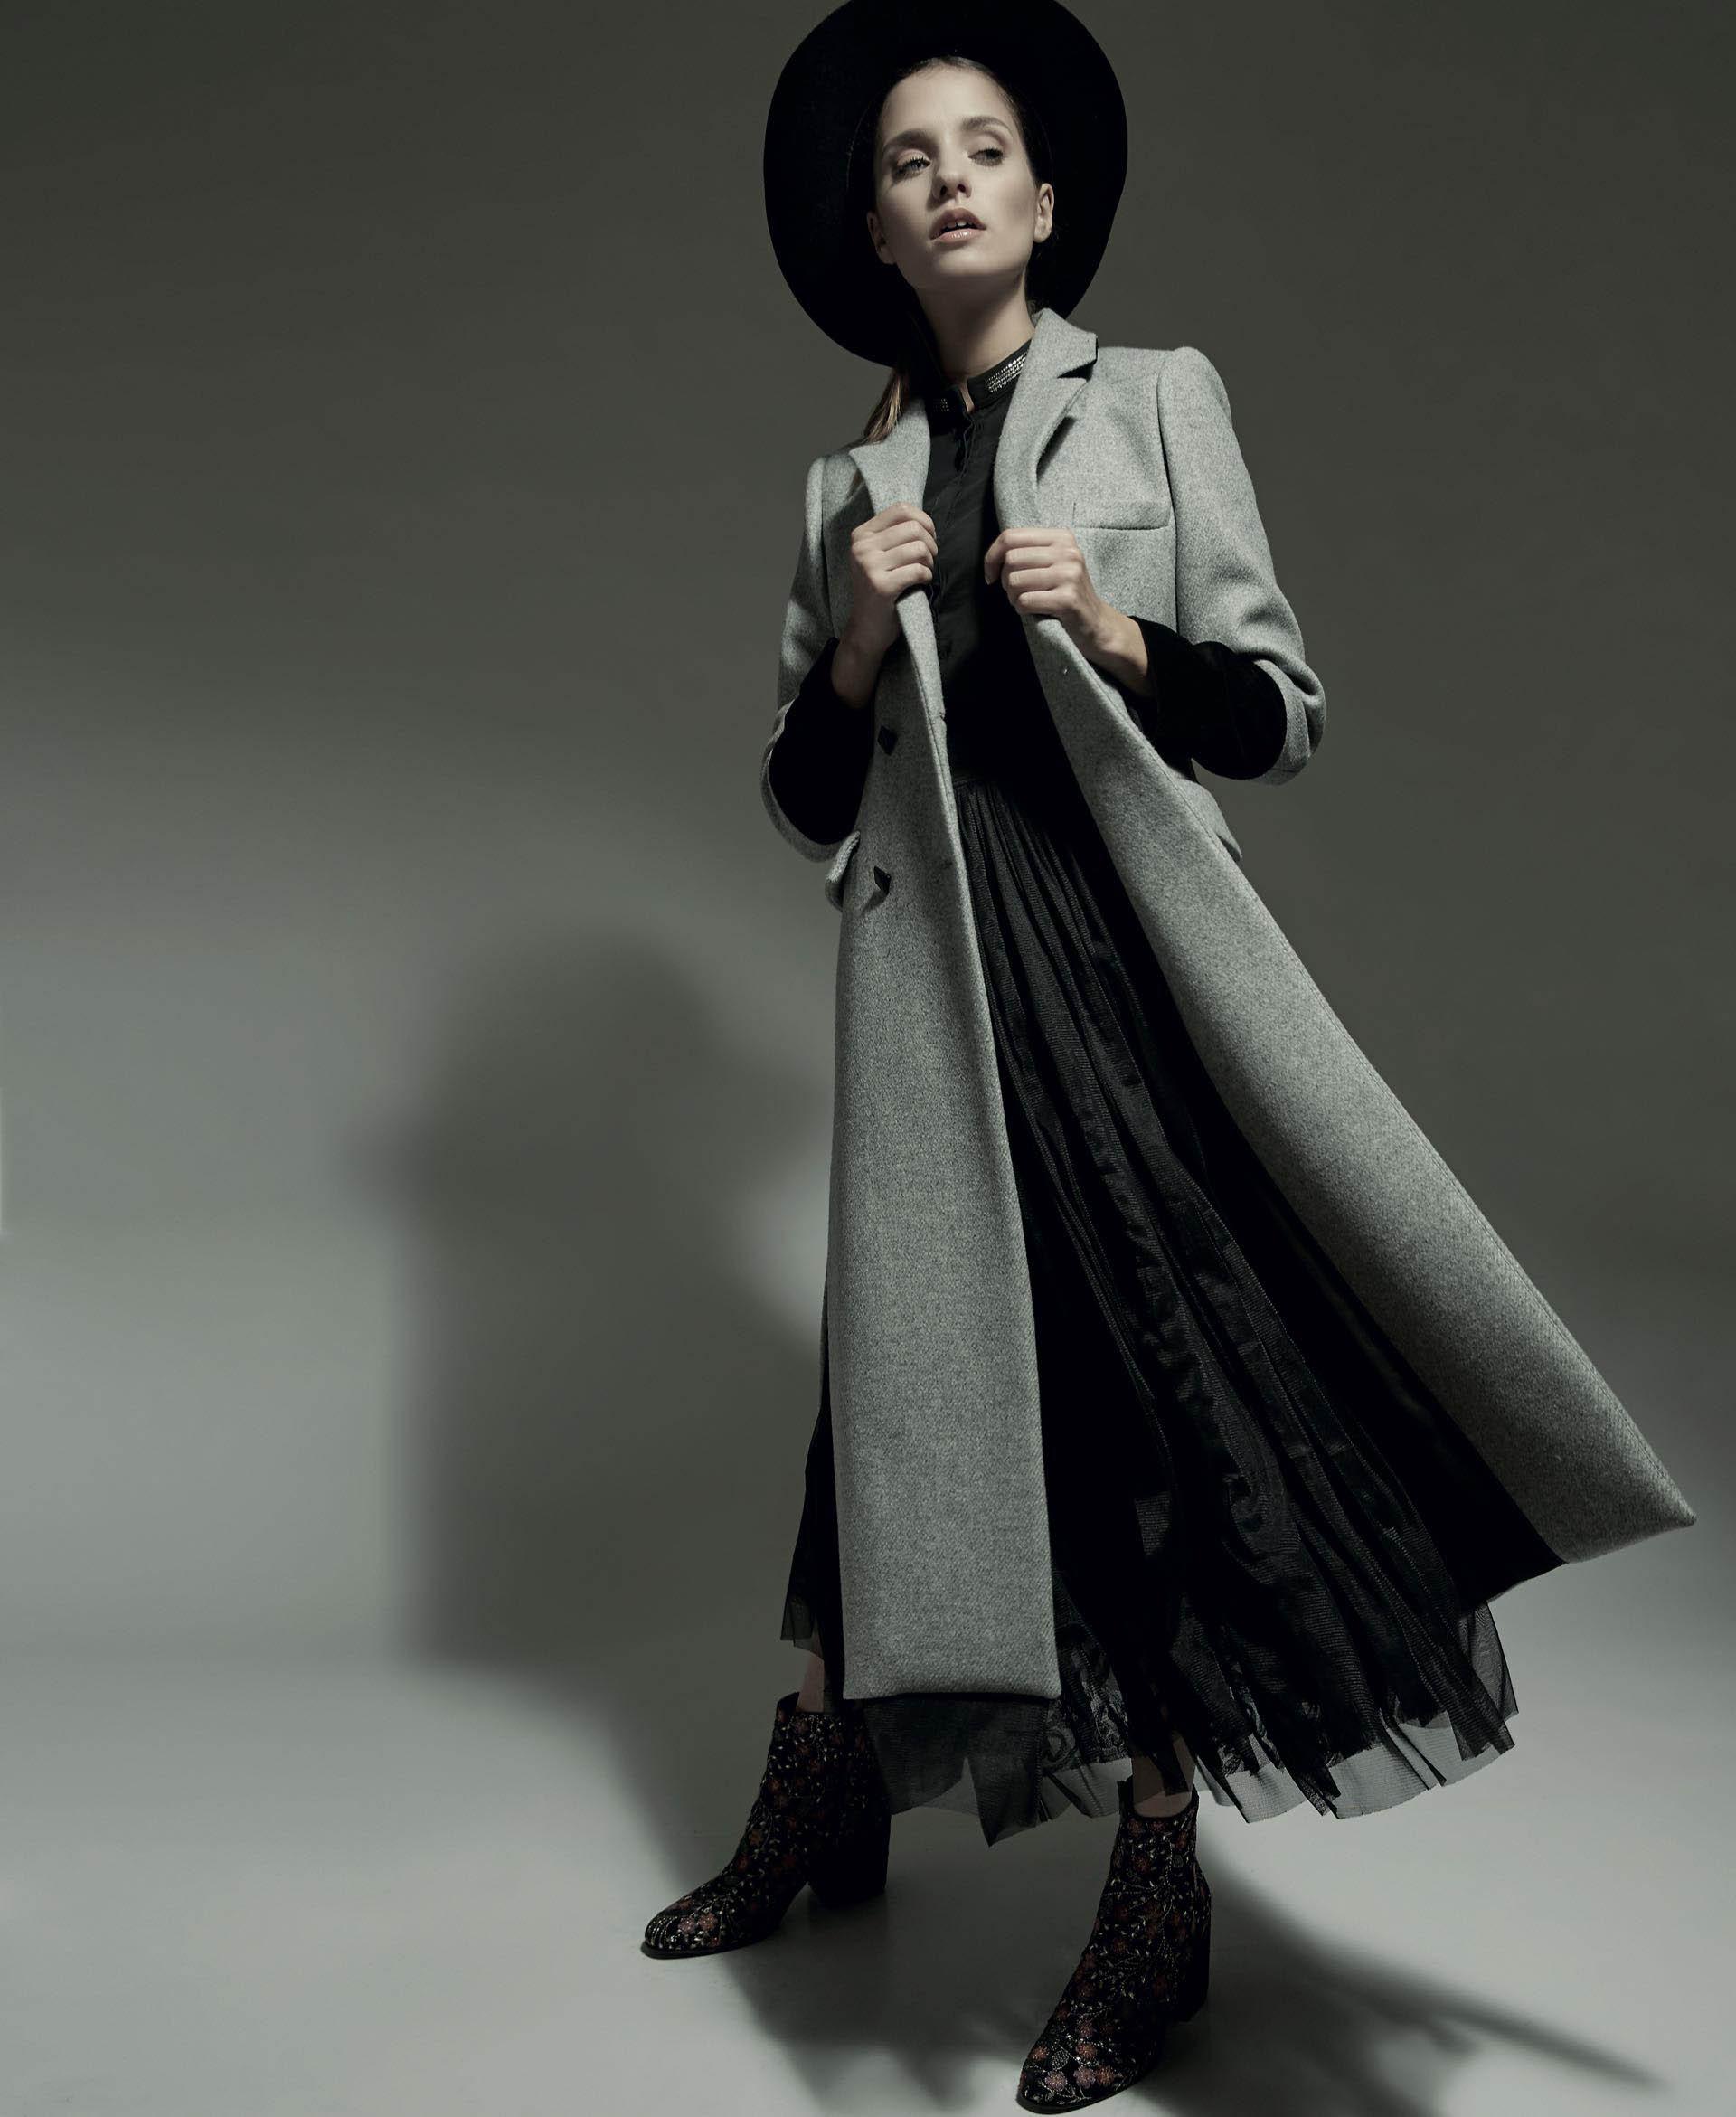 Maxitapado con mangas combinadas ($ 7.200, Clara), blusa con detalles de tachas ($ 2.140, Markova), falda de tul ($ 3.045, La Cofradía), botitas bordadas($ 3.890, Blaquè) y sombrero ($ 2.100, Compañía de Sombreros).